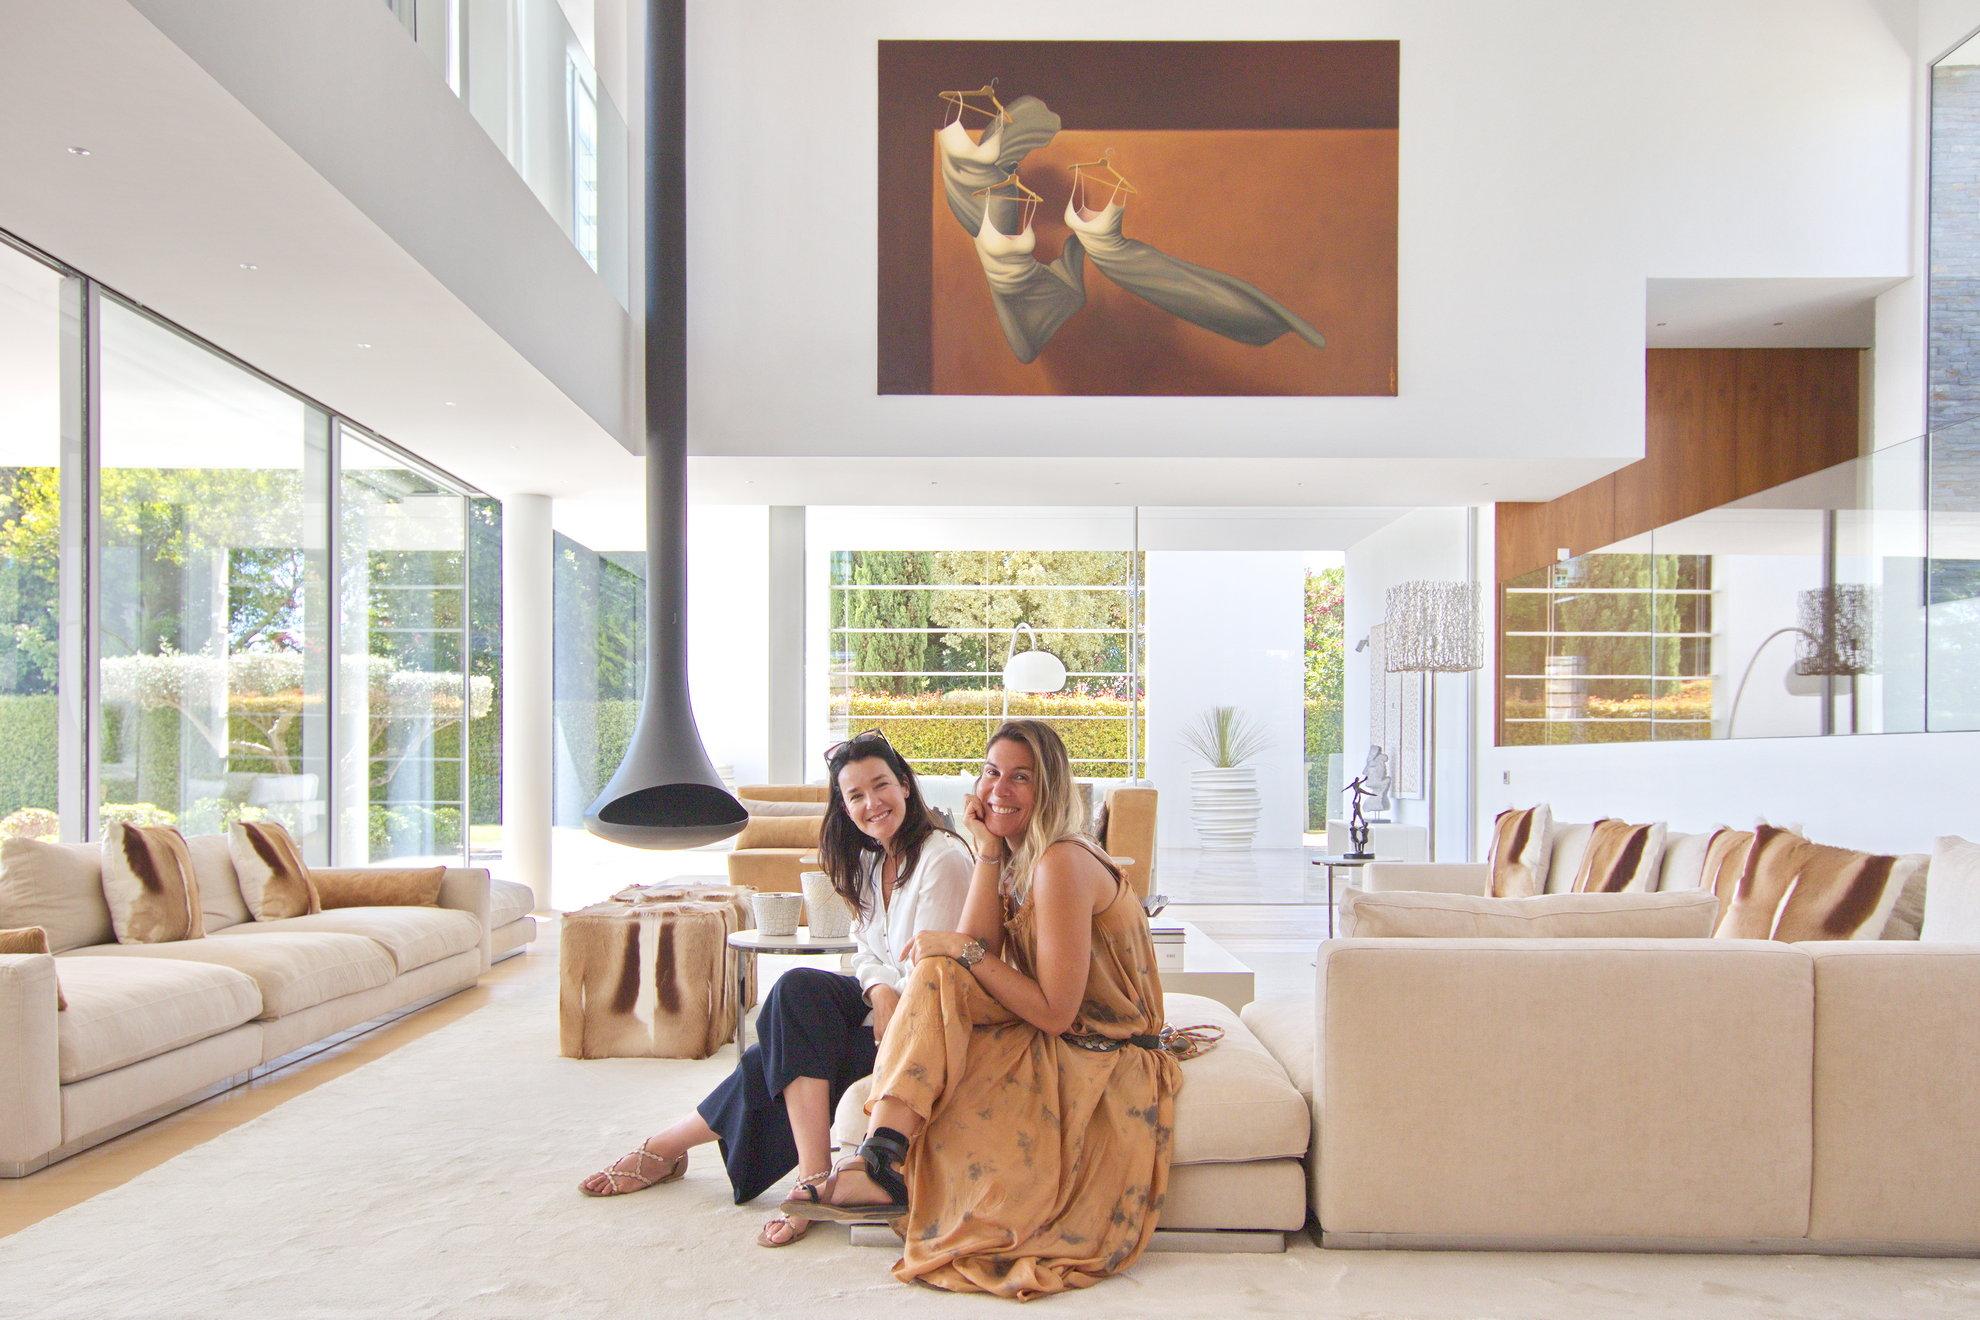 Rute y Rita, los rostros de los socios a cargo de las propiedades inmobiliarias de SEAU.com en Quinta do Lago y Vale do Lobo. Es su conocimiento inmobiliario local y su buen ambiente lo que recordará cuando necesite comprar una casa en Quinta do Lago y Vale do Lobo.